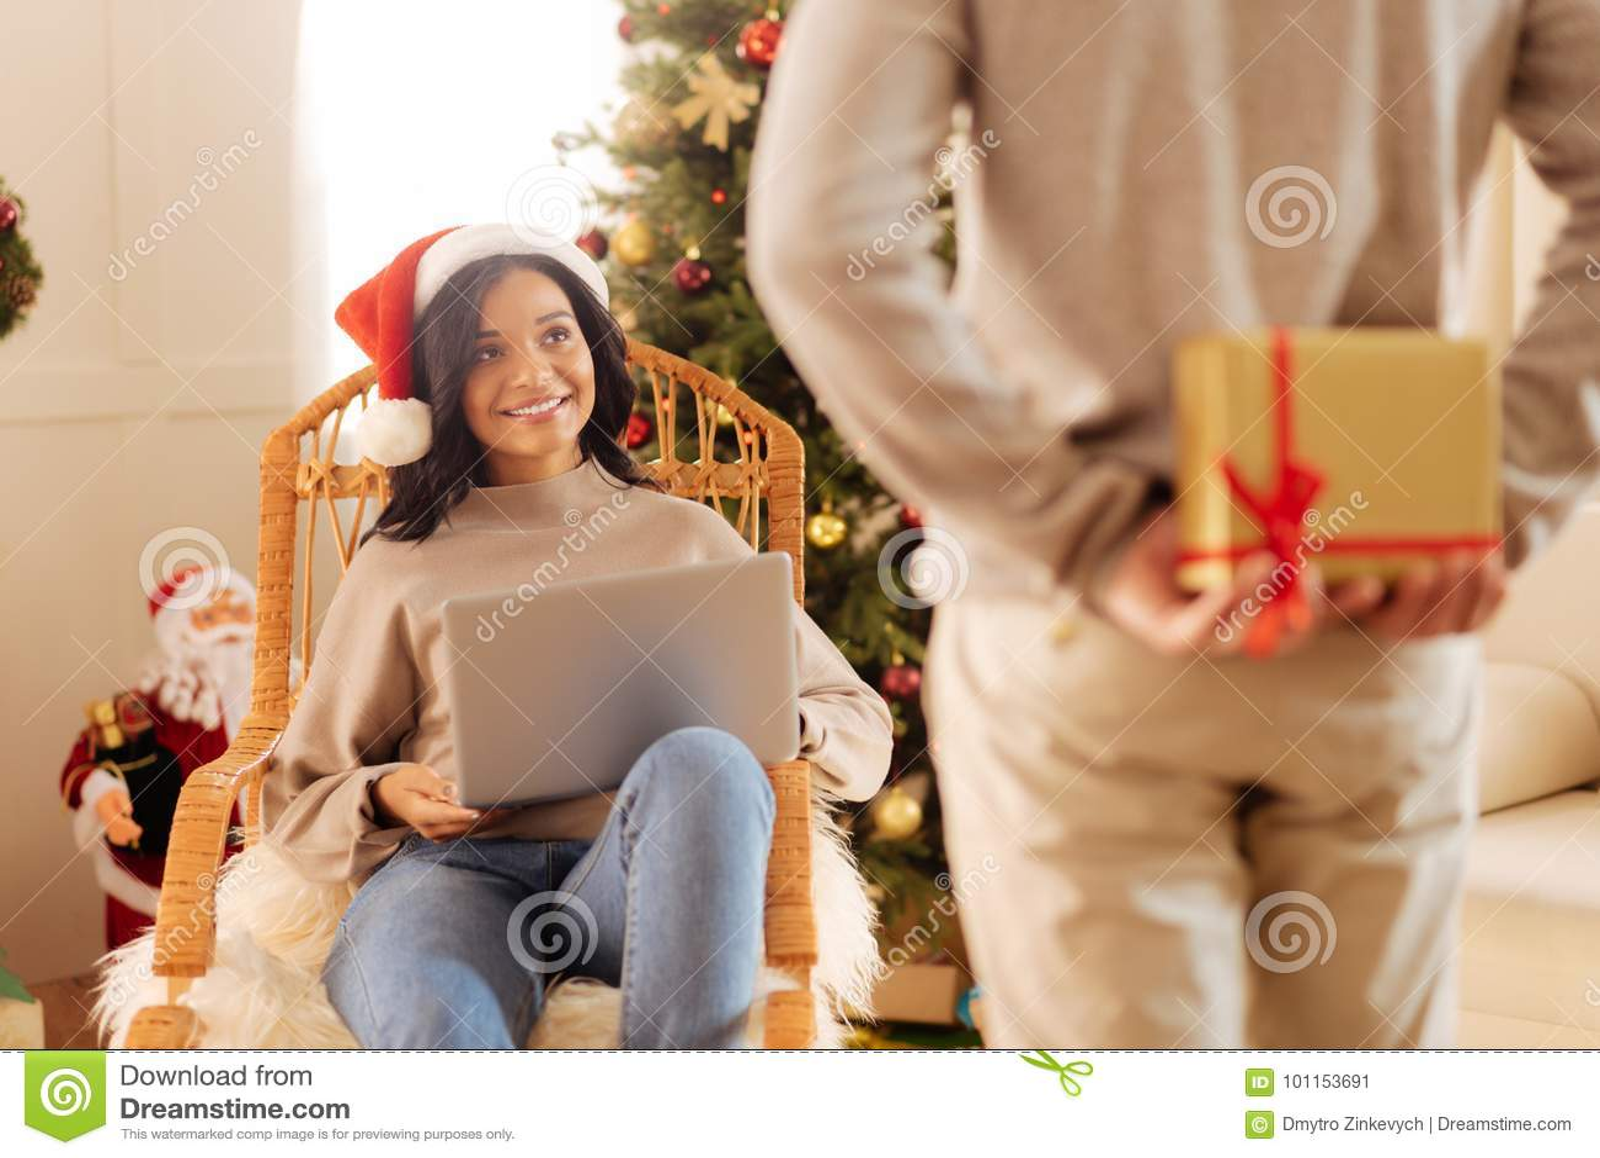 Amato Marito Amoroso Che Fa Sorpresa Per La Sua Moglie Immagine Stock GD28